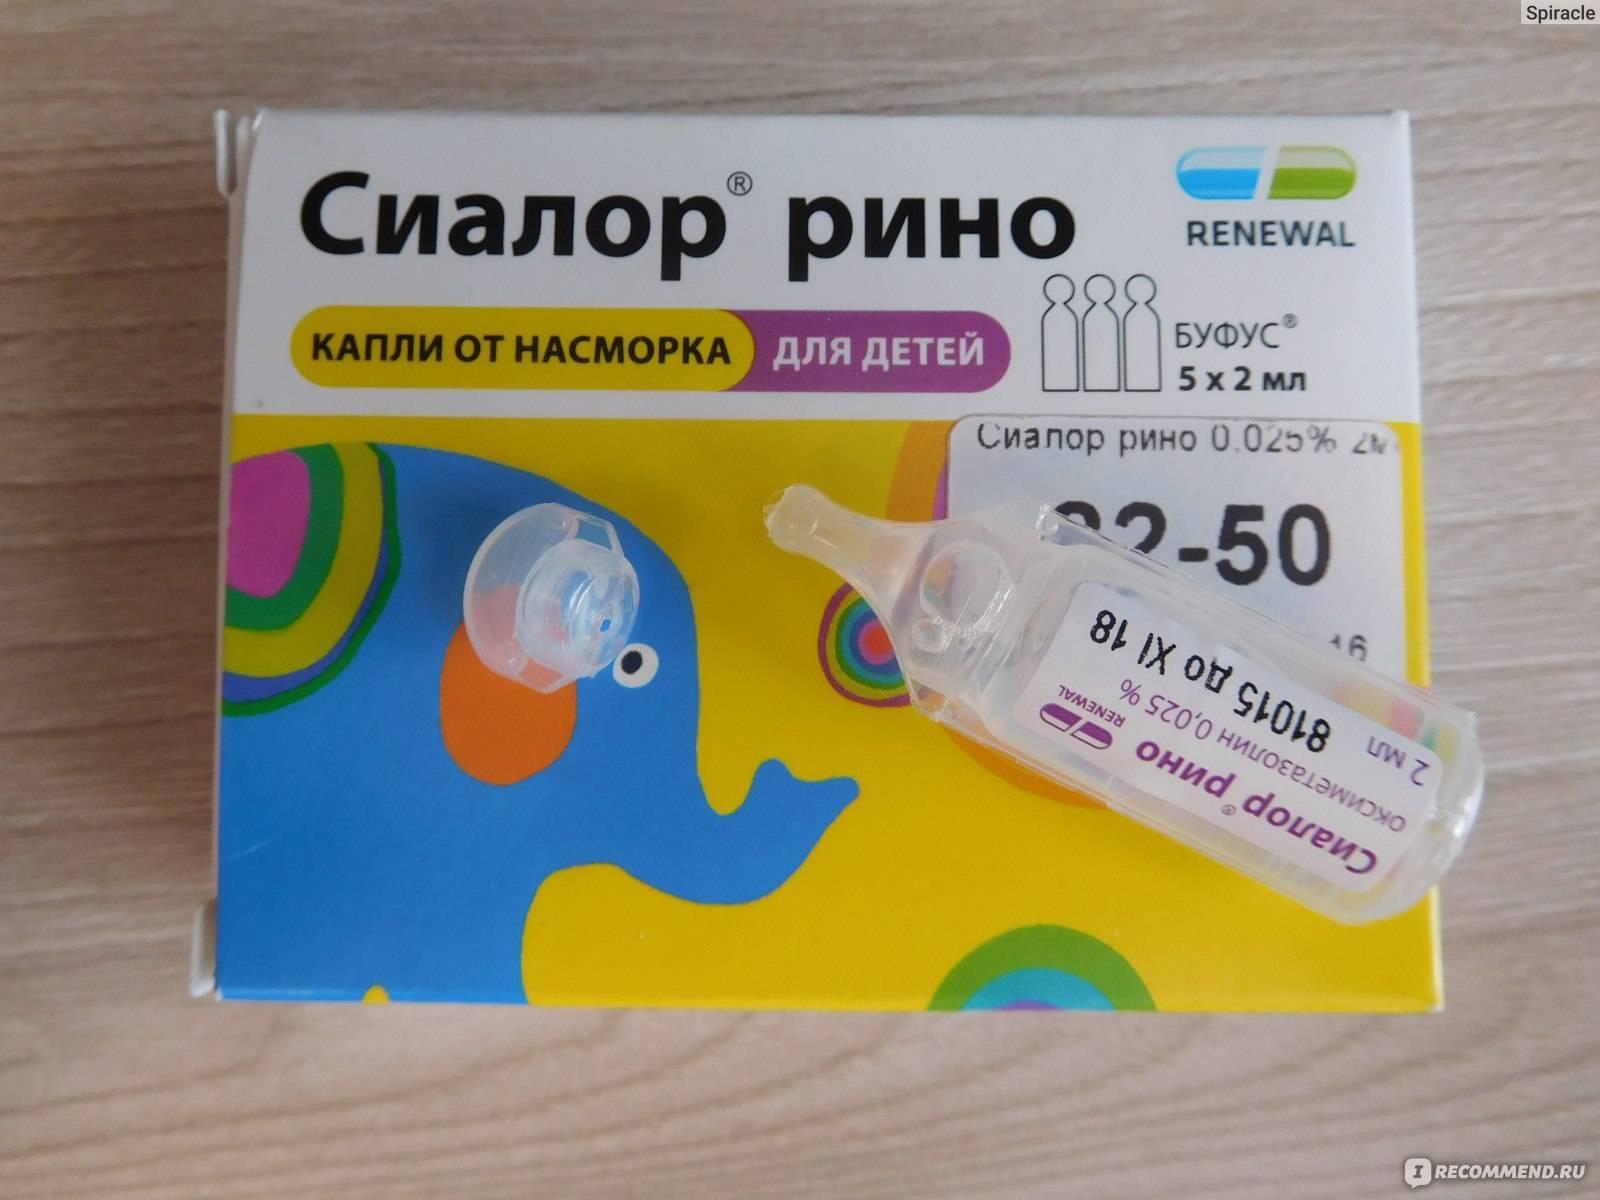 Сиалор протаргол для детей: инструкция по применению